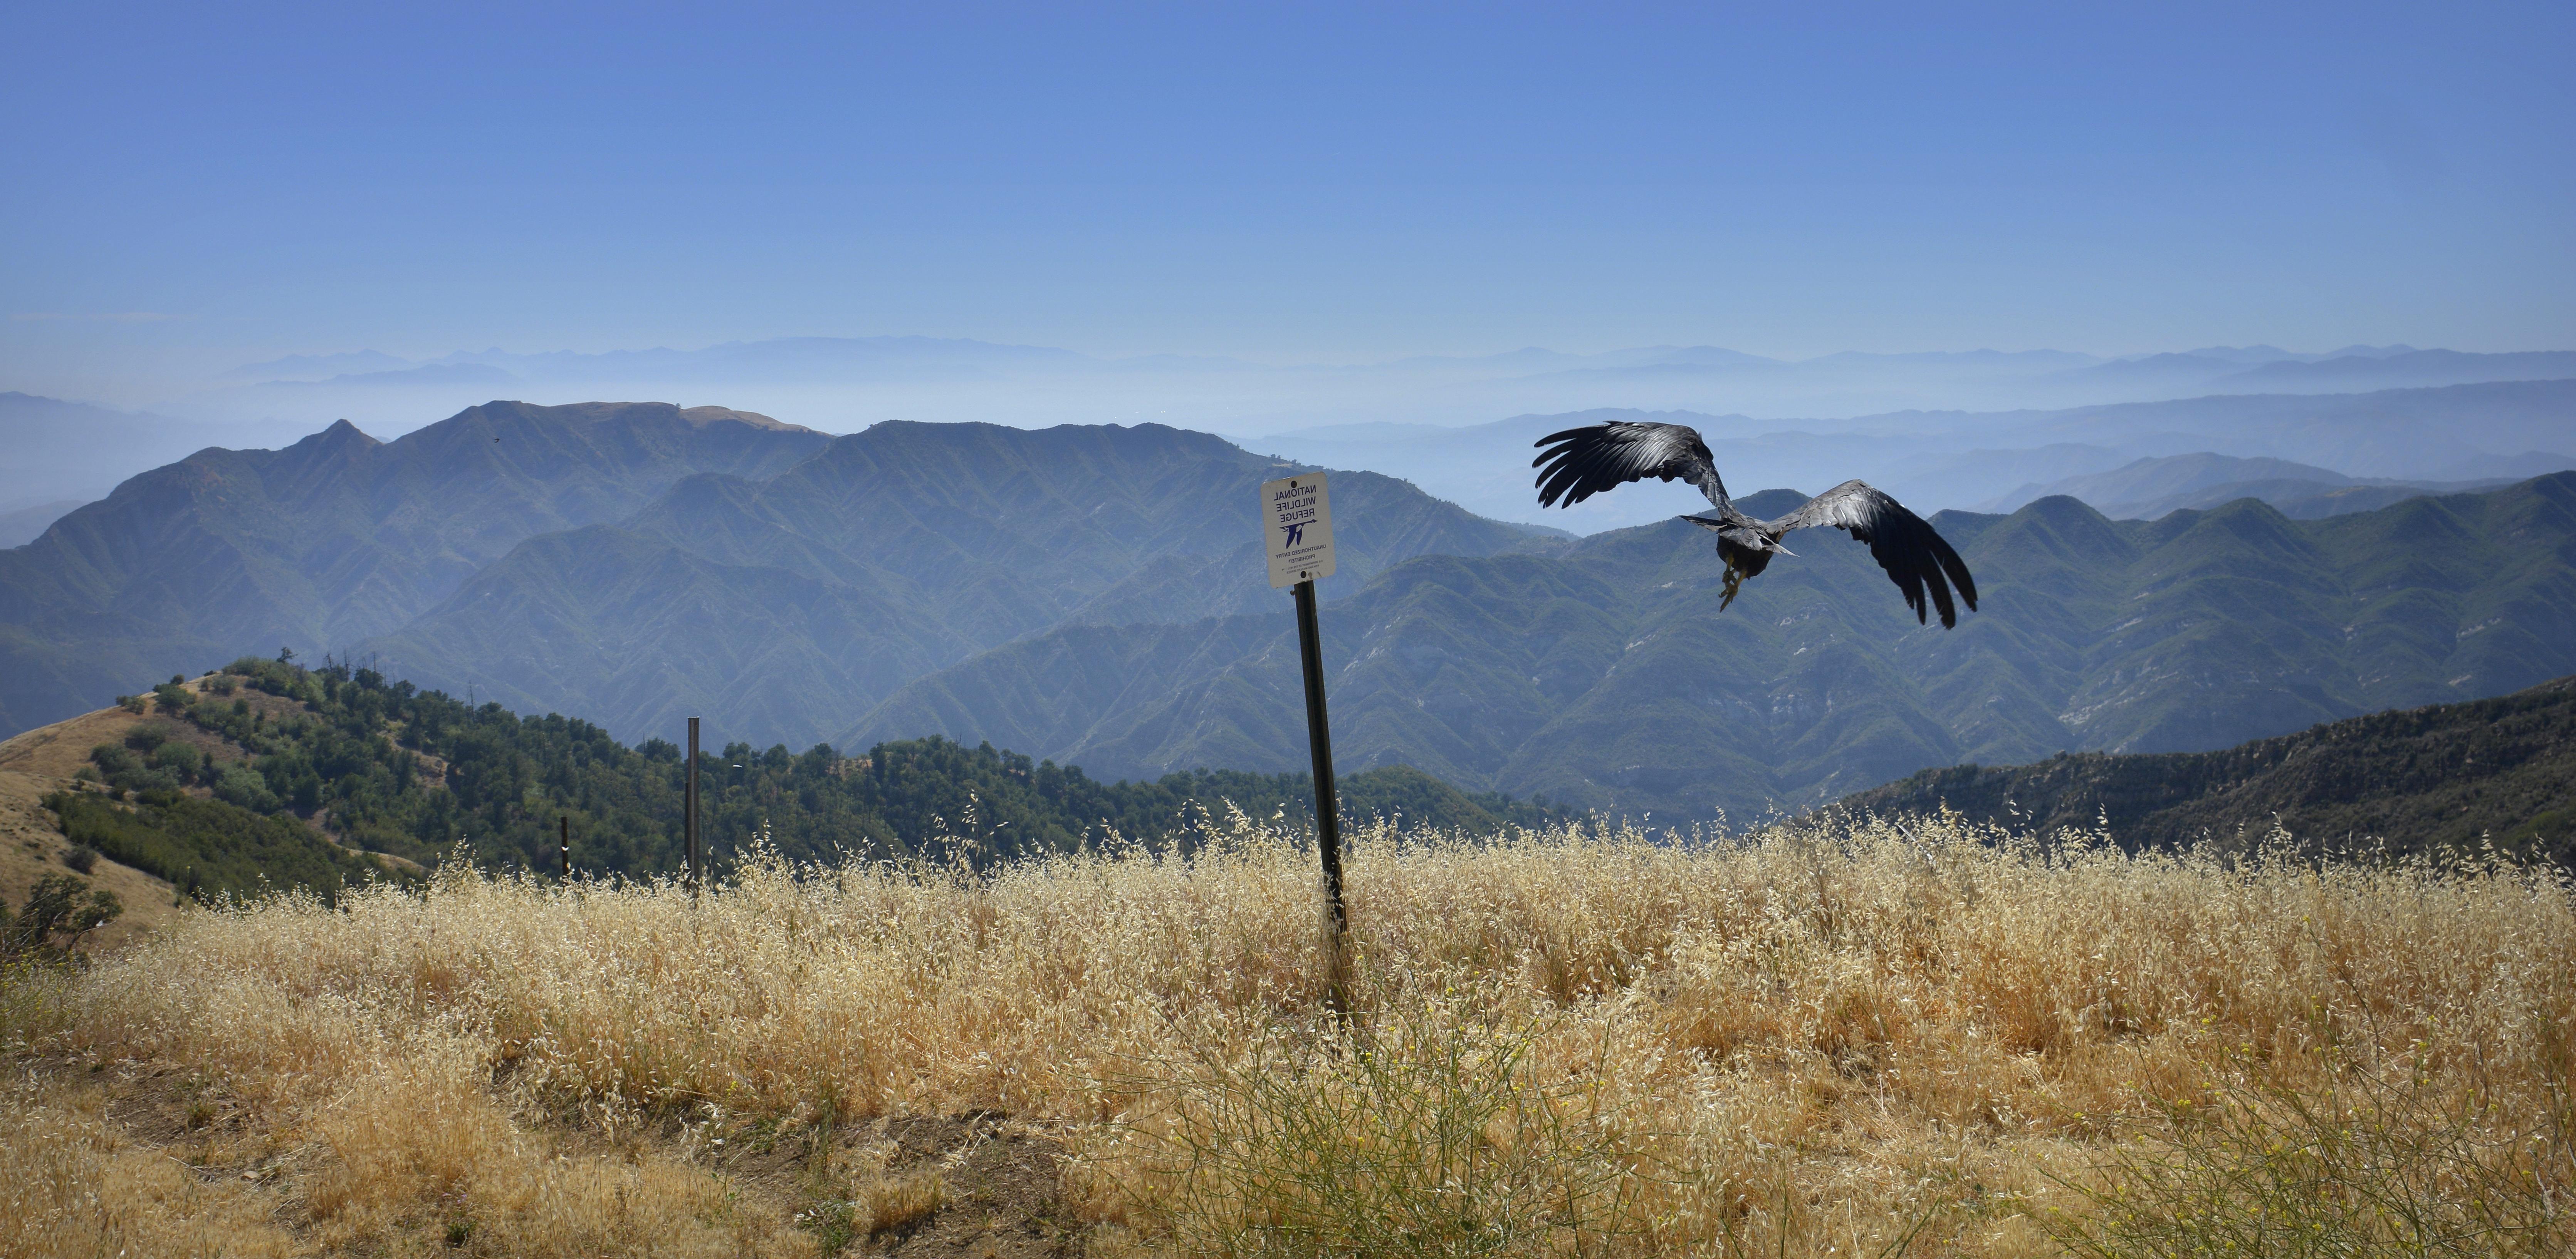 Free photograph; flying, California, condor, desert, bird